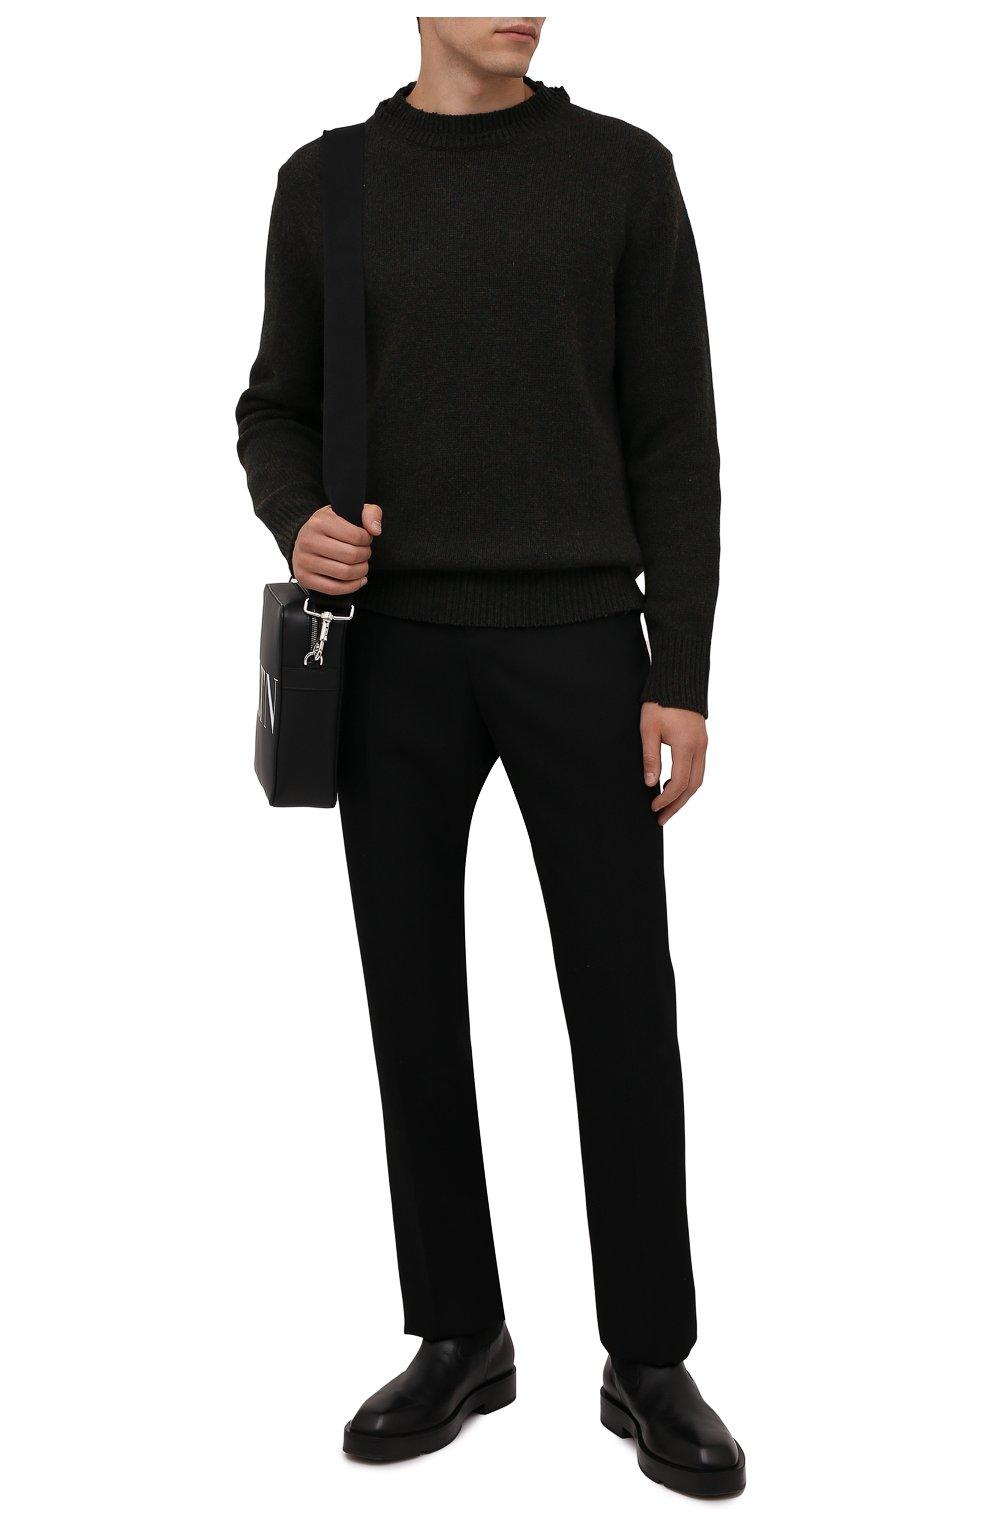 Мужской шерстяной свитер MAISON MARGIELA темно-зеленого цвета, арт. S50GP0243/S17785   Фото 2 (Материал внешний: Шерсть; Рукава: Длинные; Принт: Без принта; Длина (для топов): Стандартные; Мужское Кросс-КТ: Свитер-одежда)